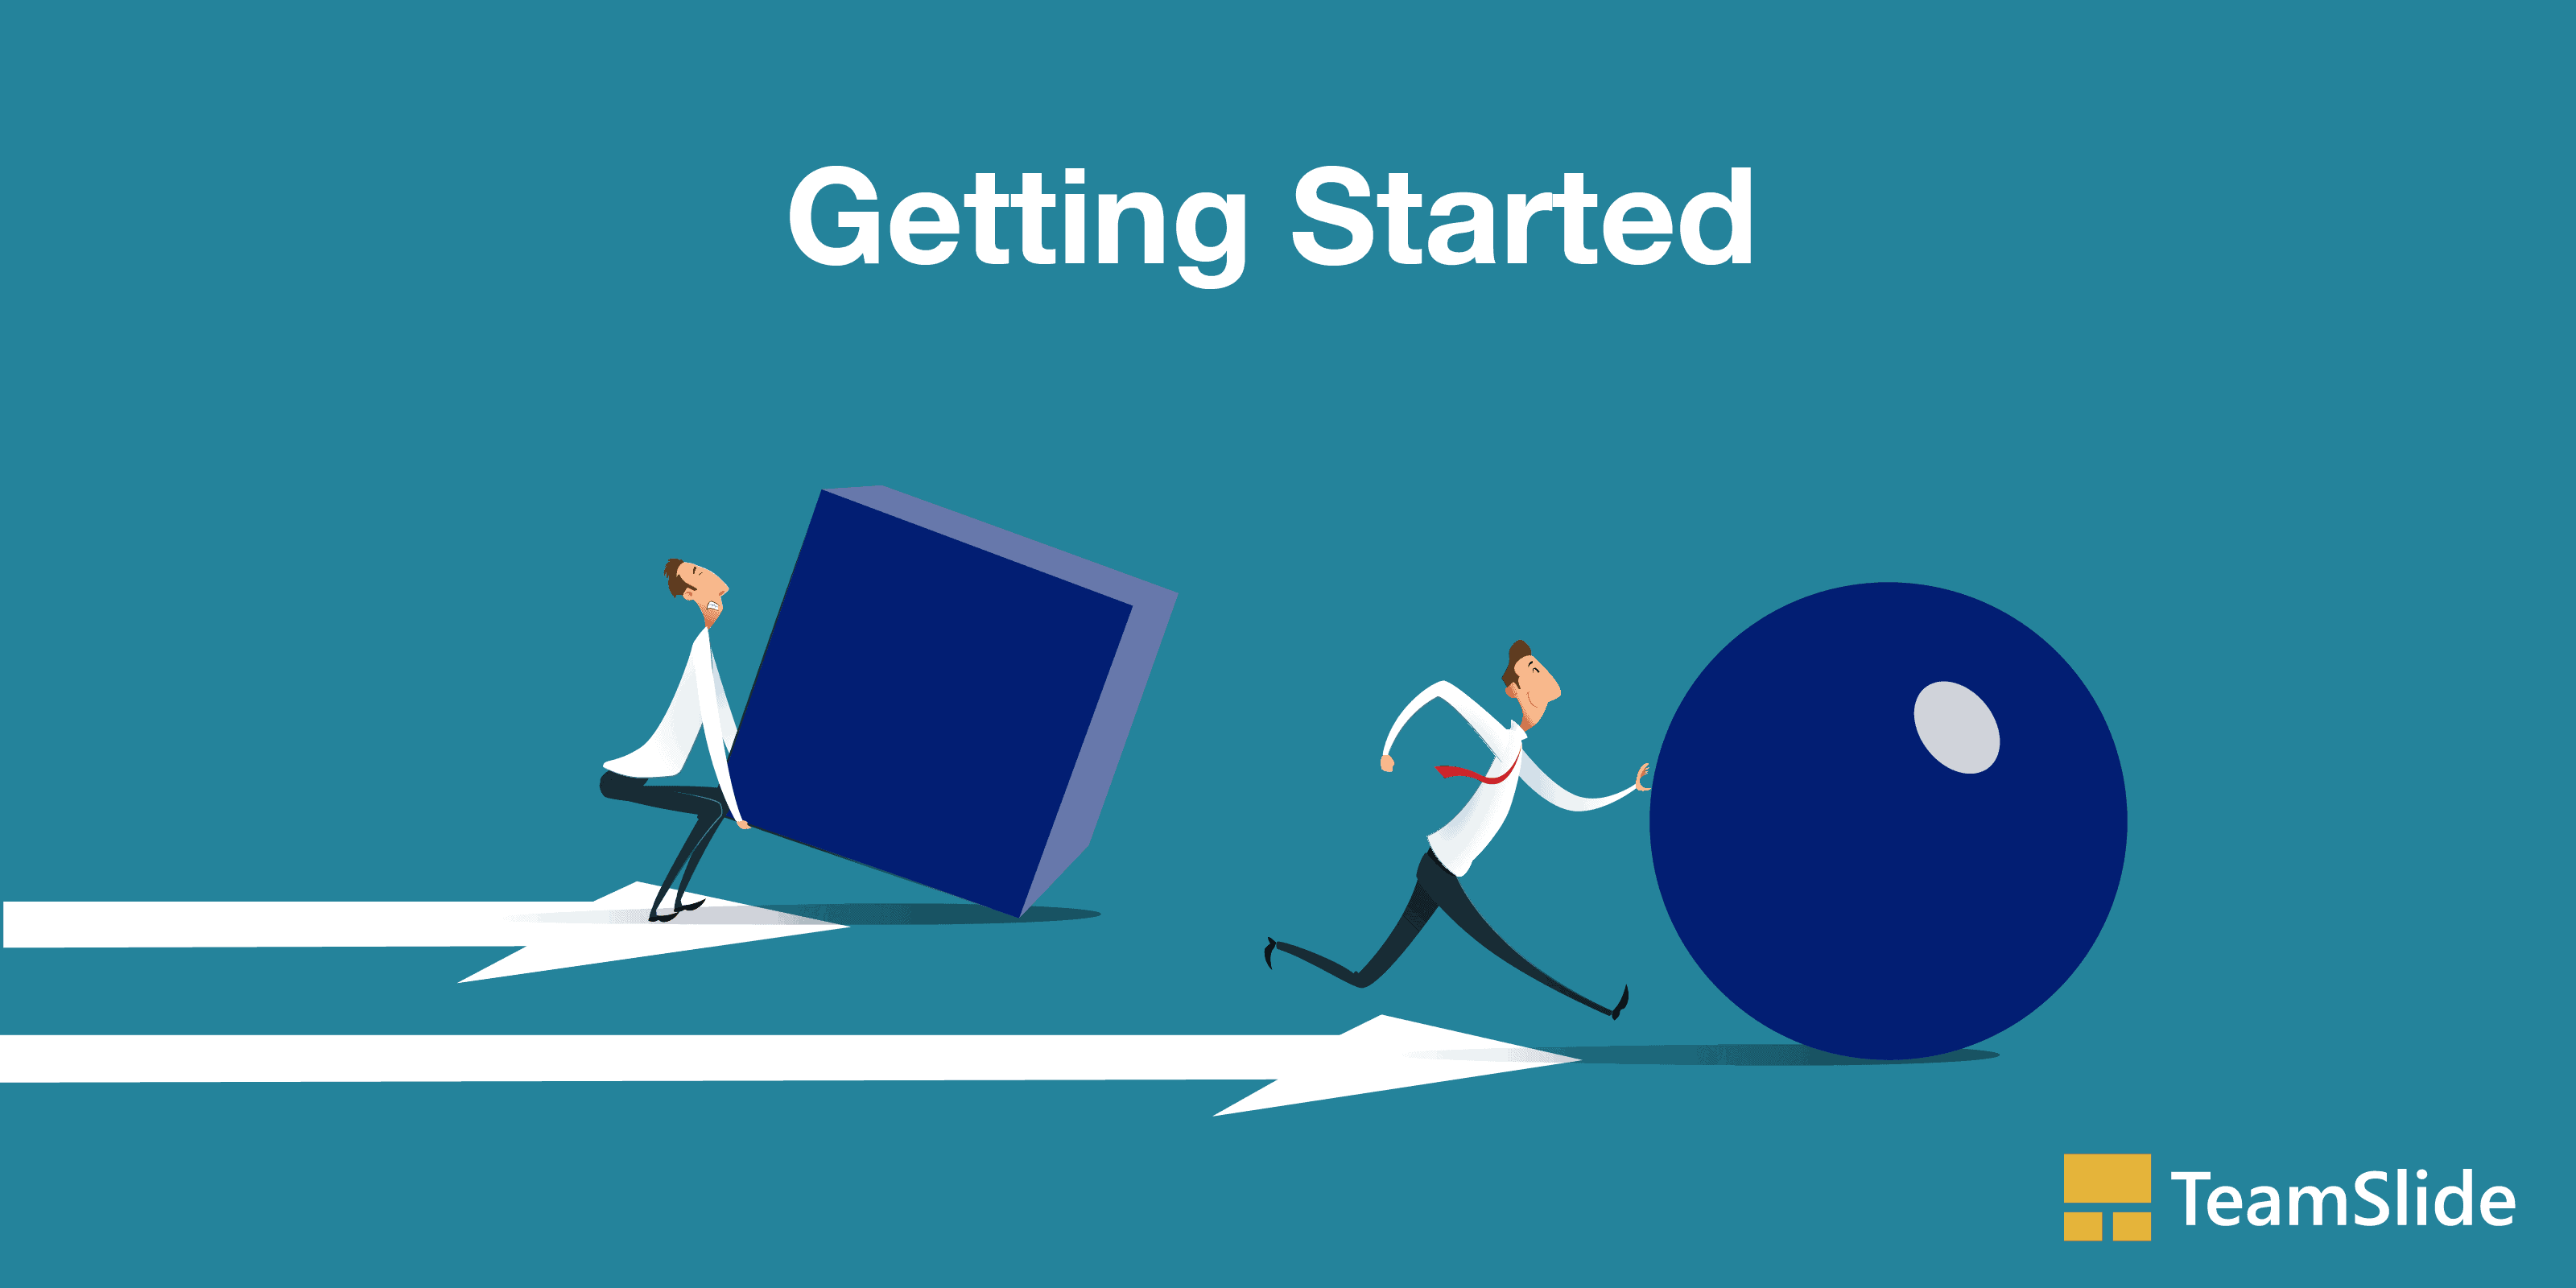 Get started in TeamSlide